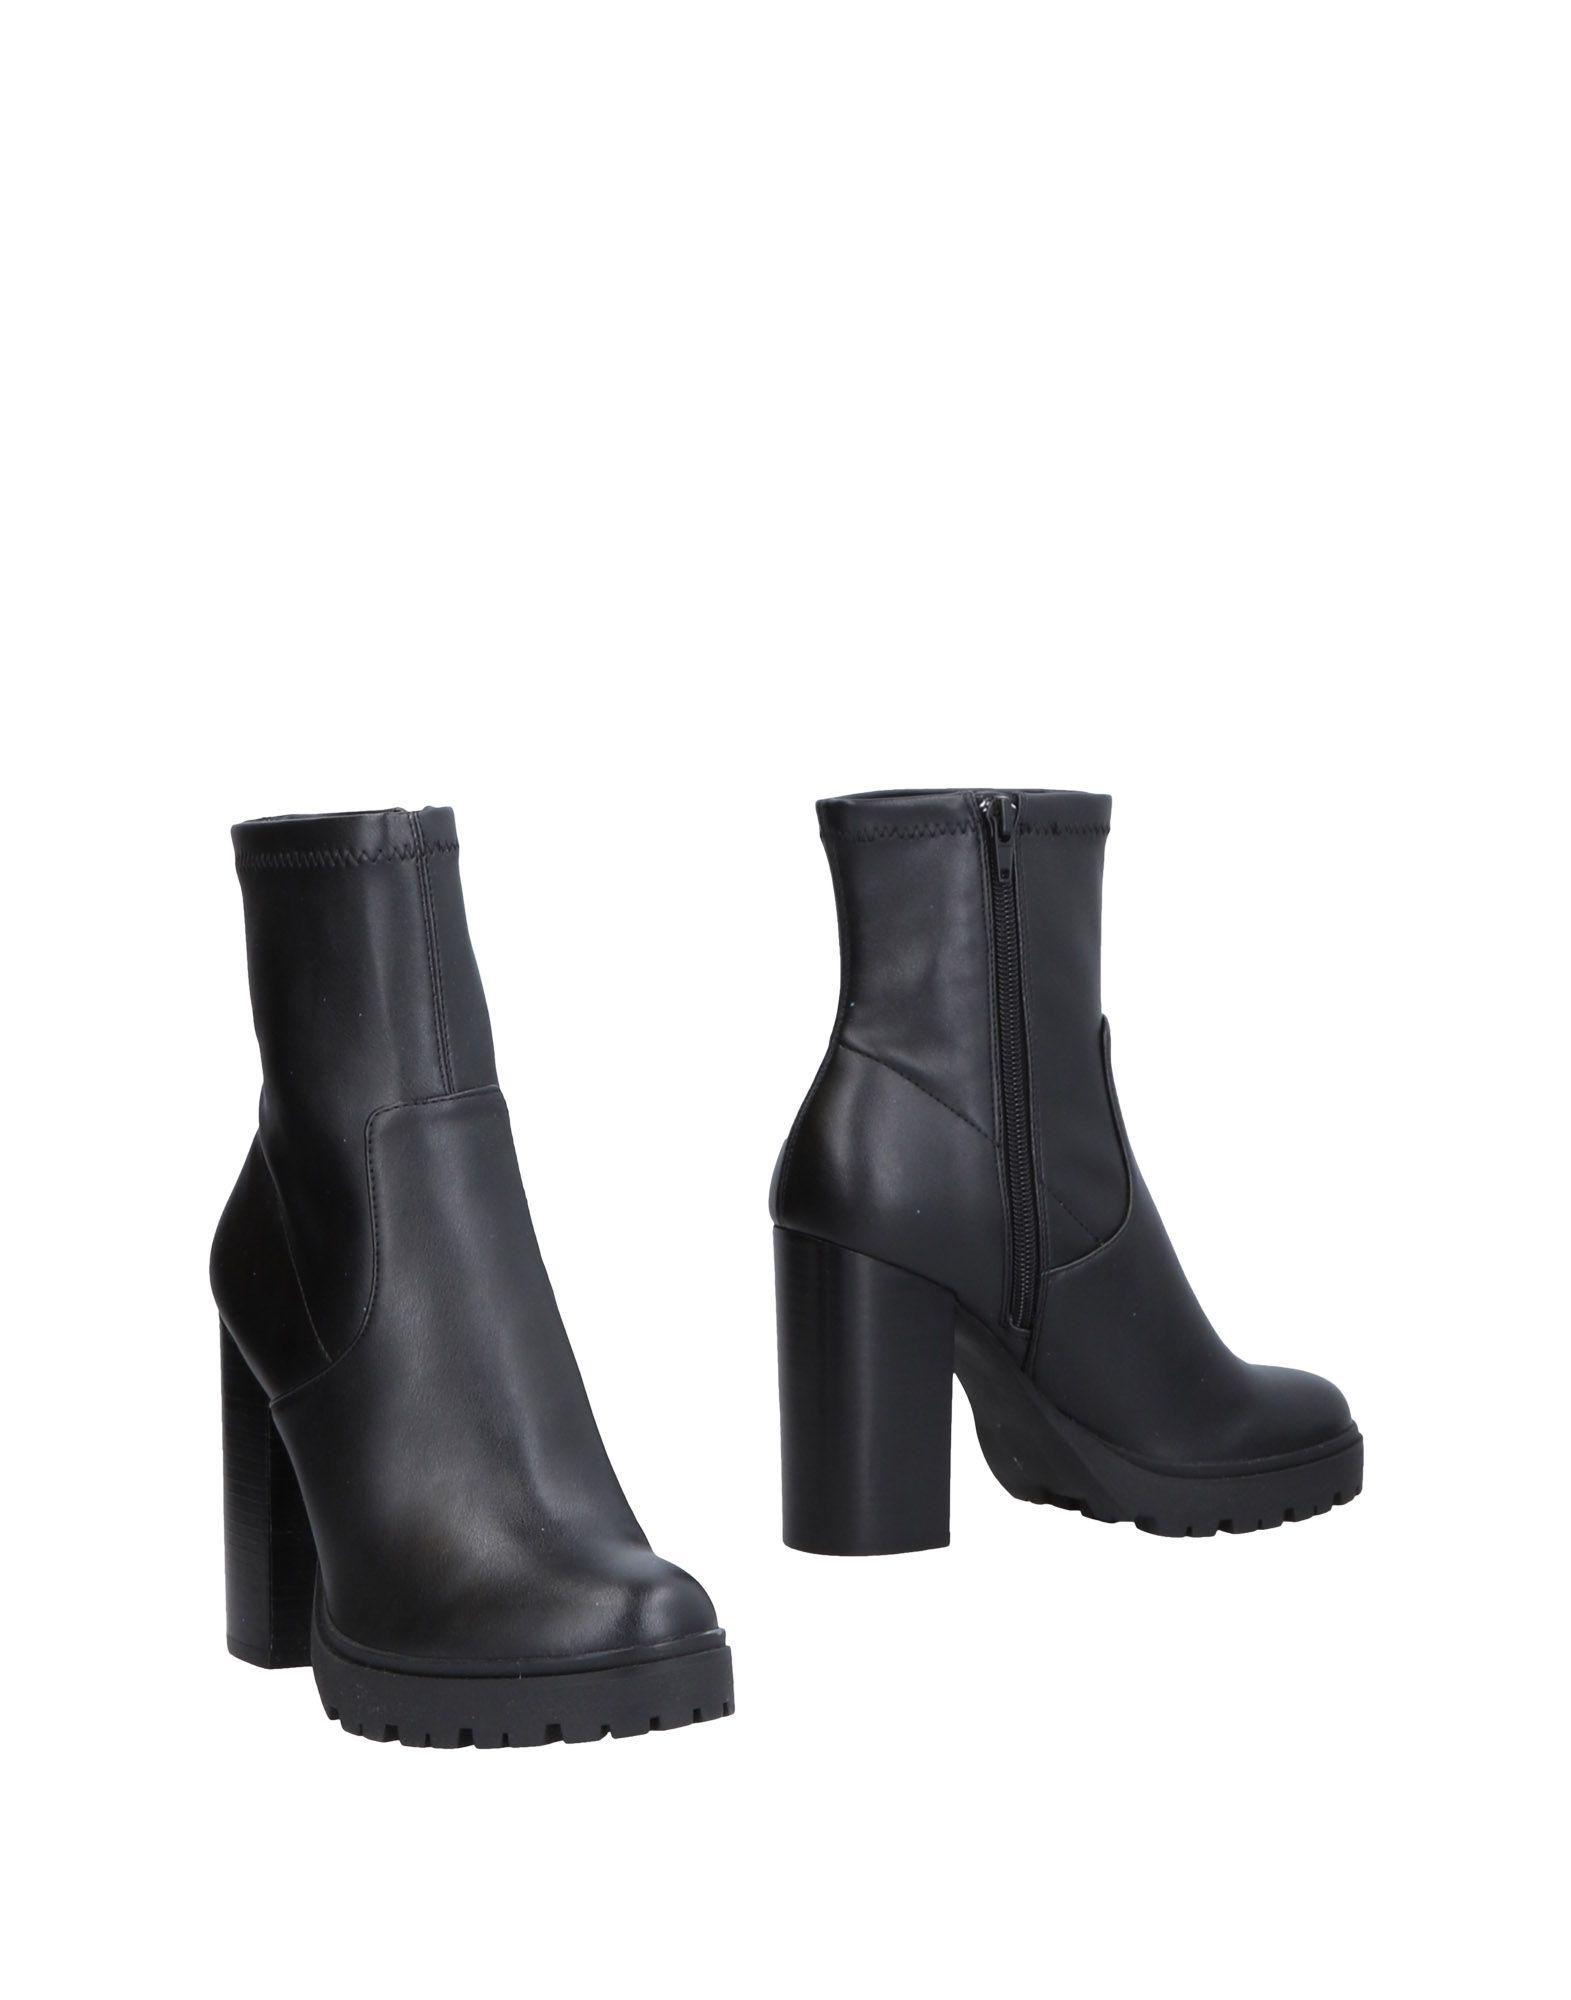 Gut um Madden billige Schuhe zu tragenSteve Madden um Stiefelette Damen  11467218XI 0bfd4f